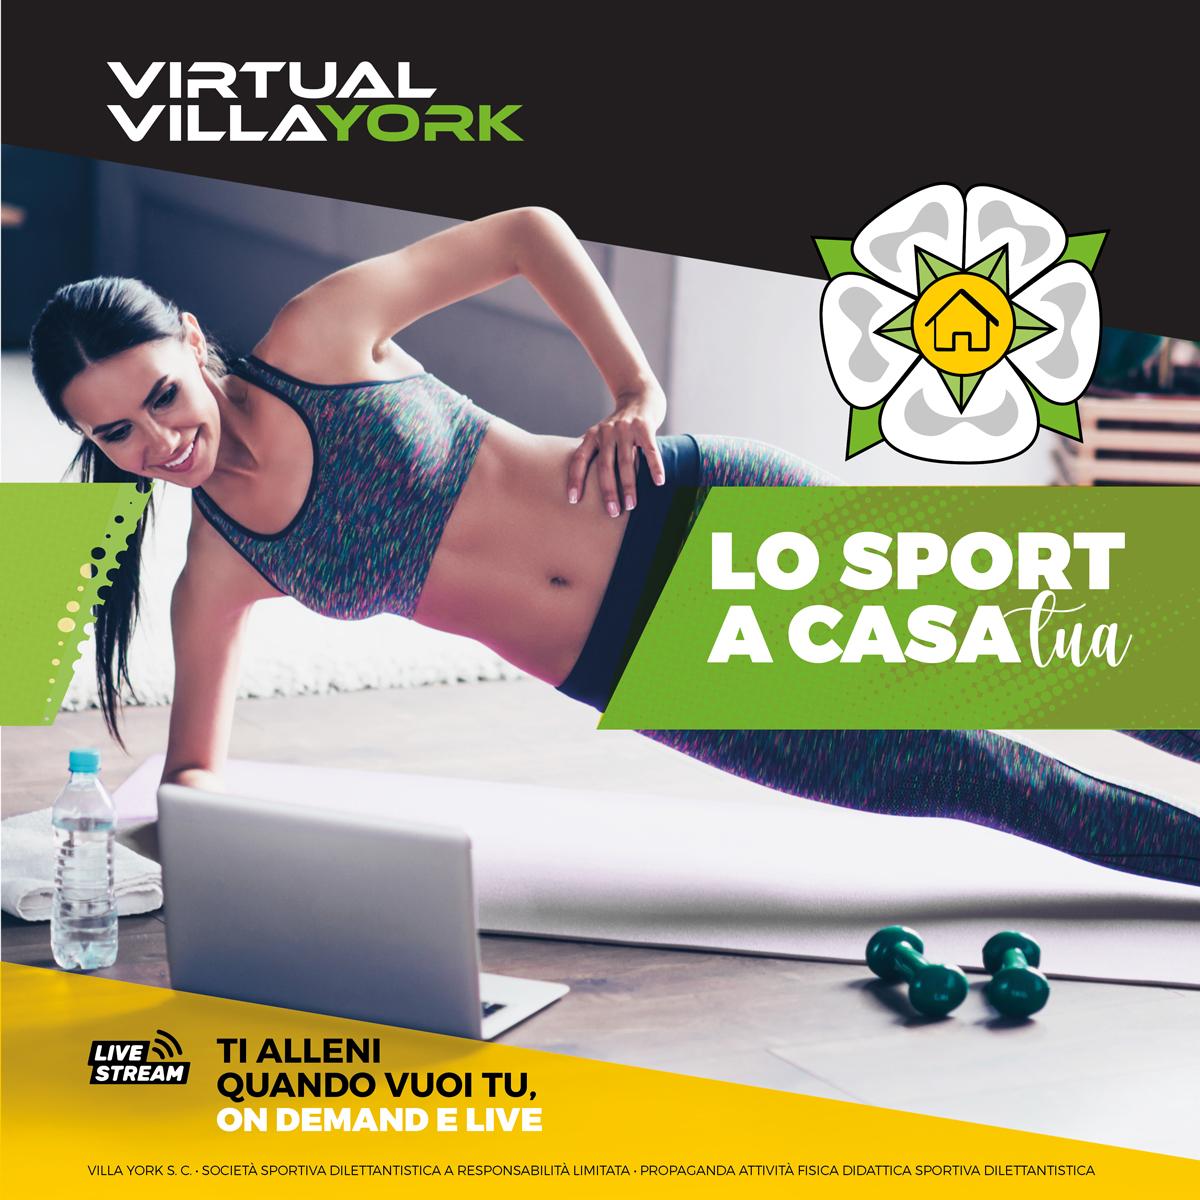 VY_virtual